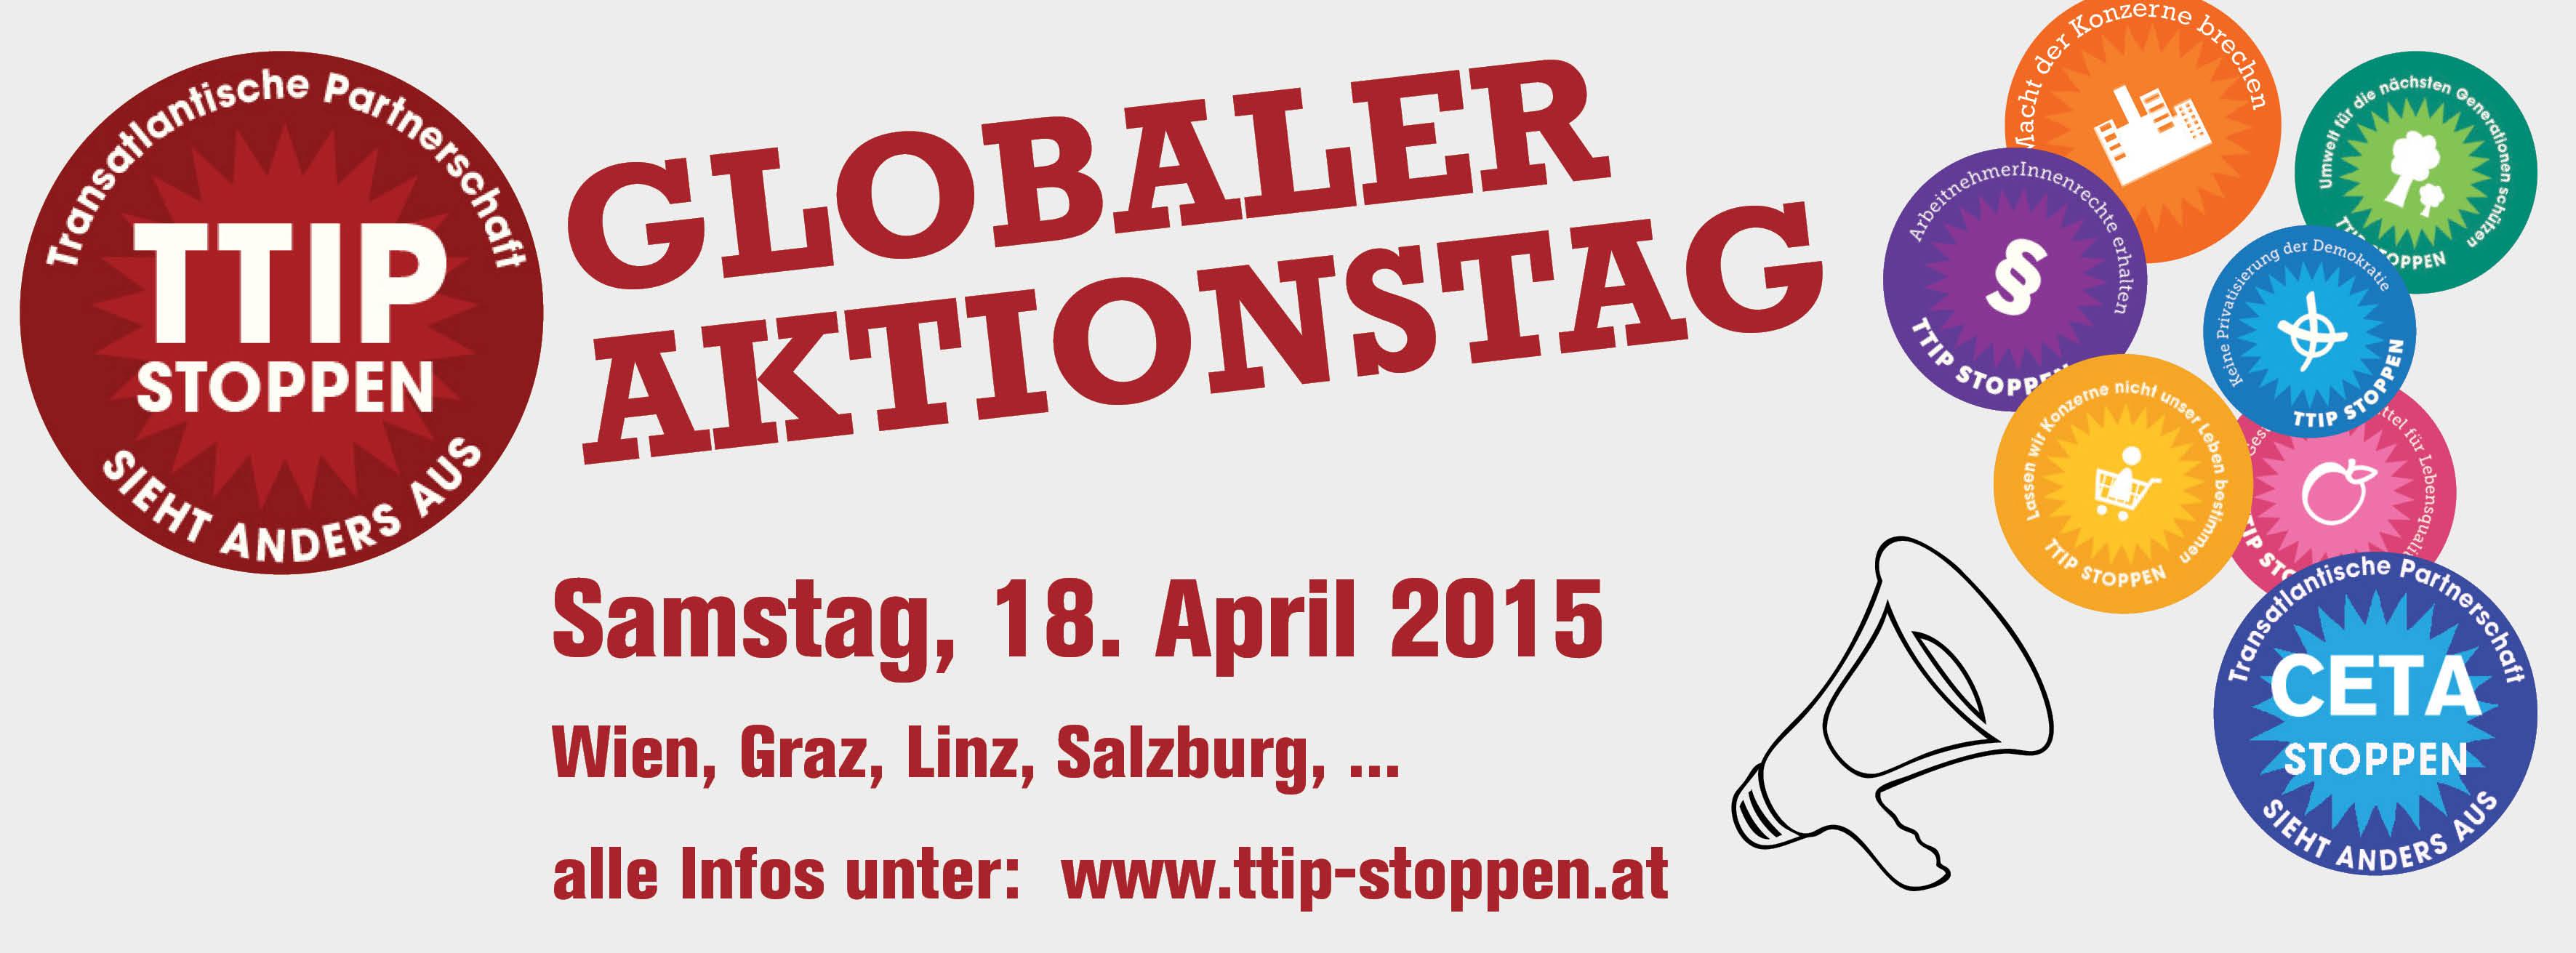 Globaler Aktionstag